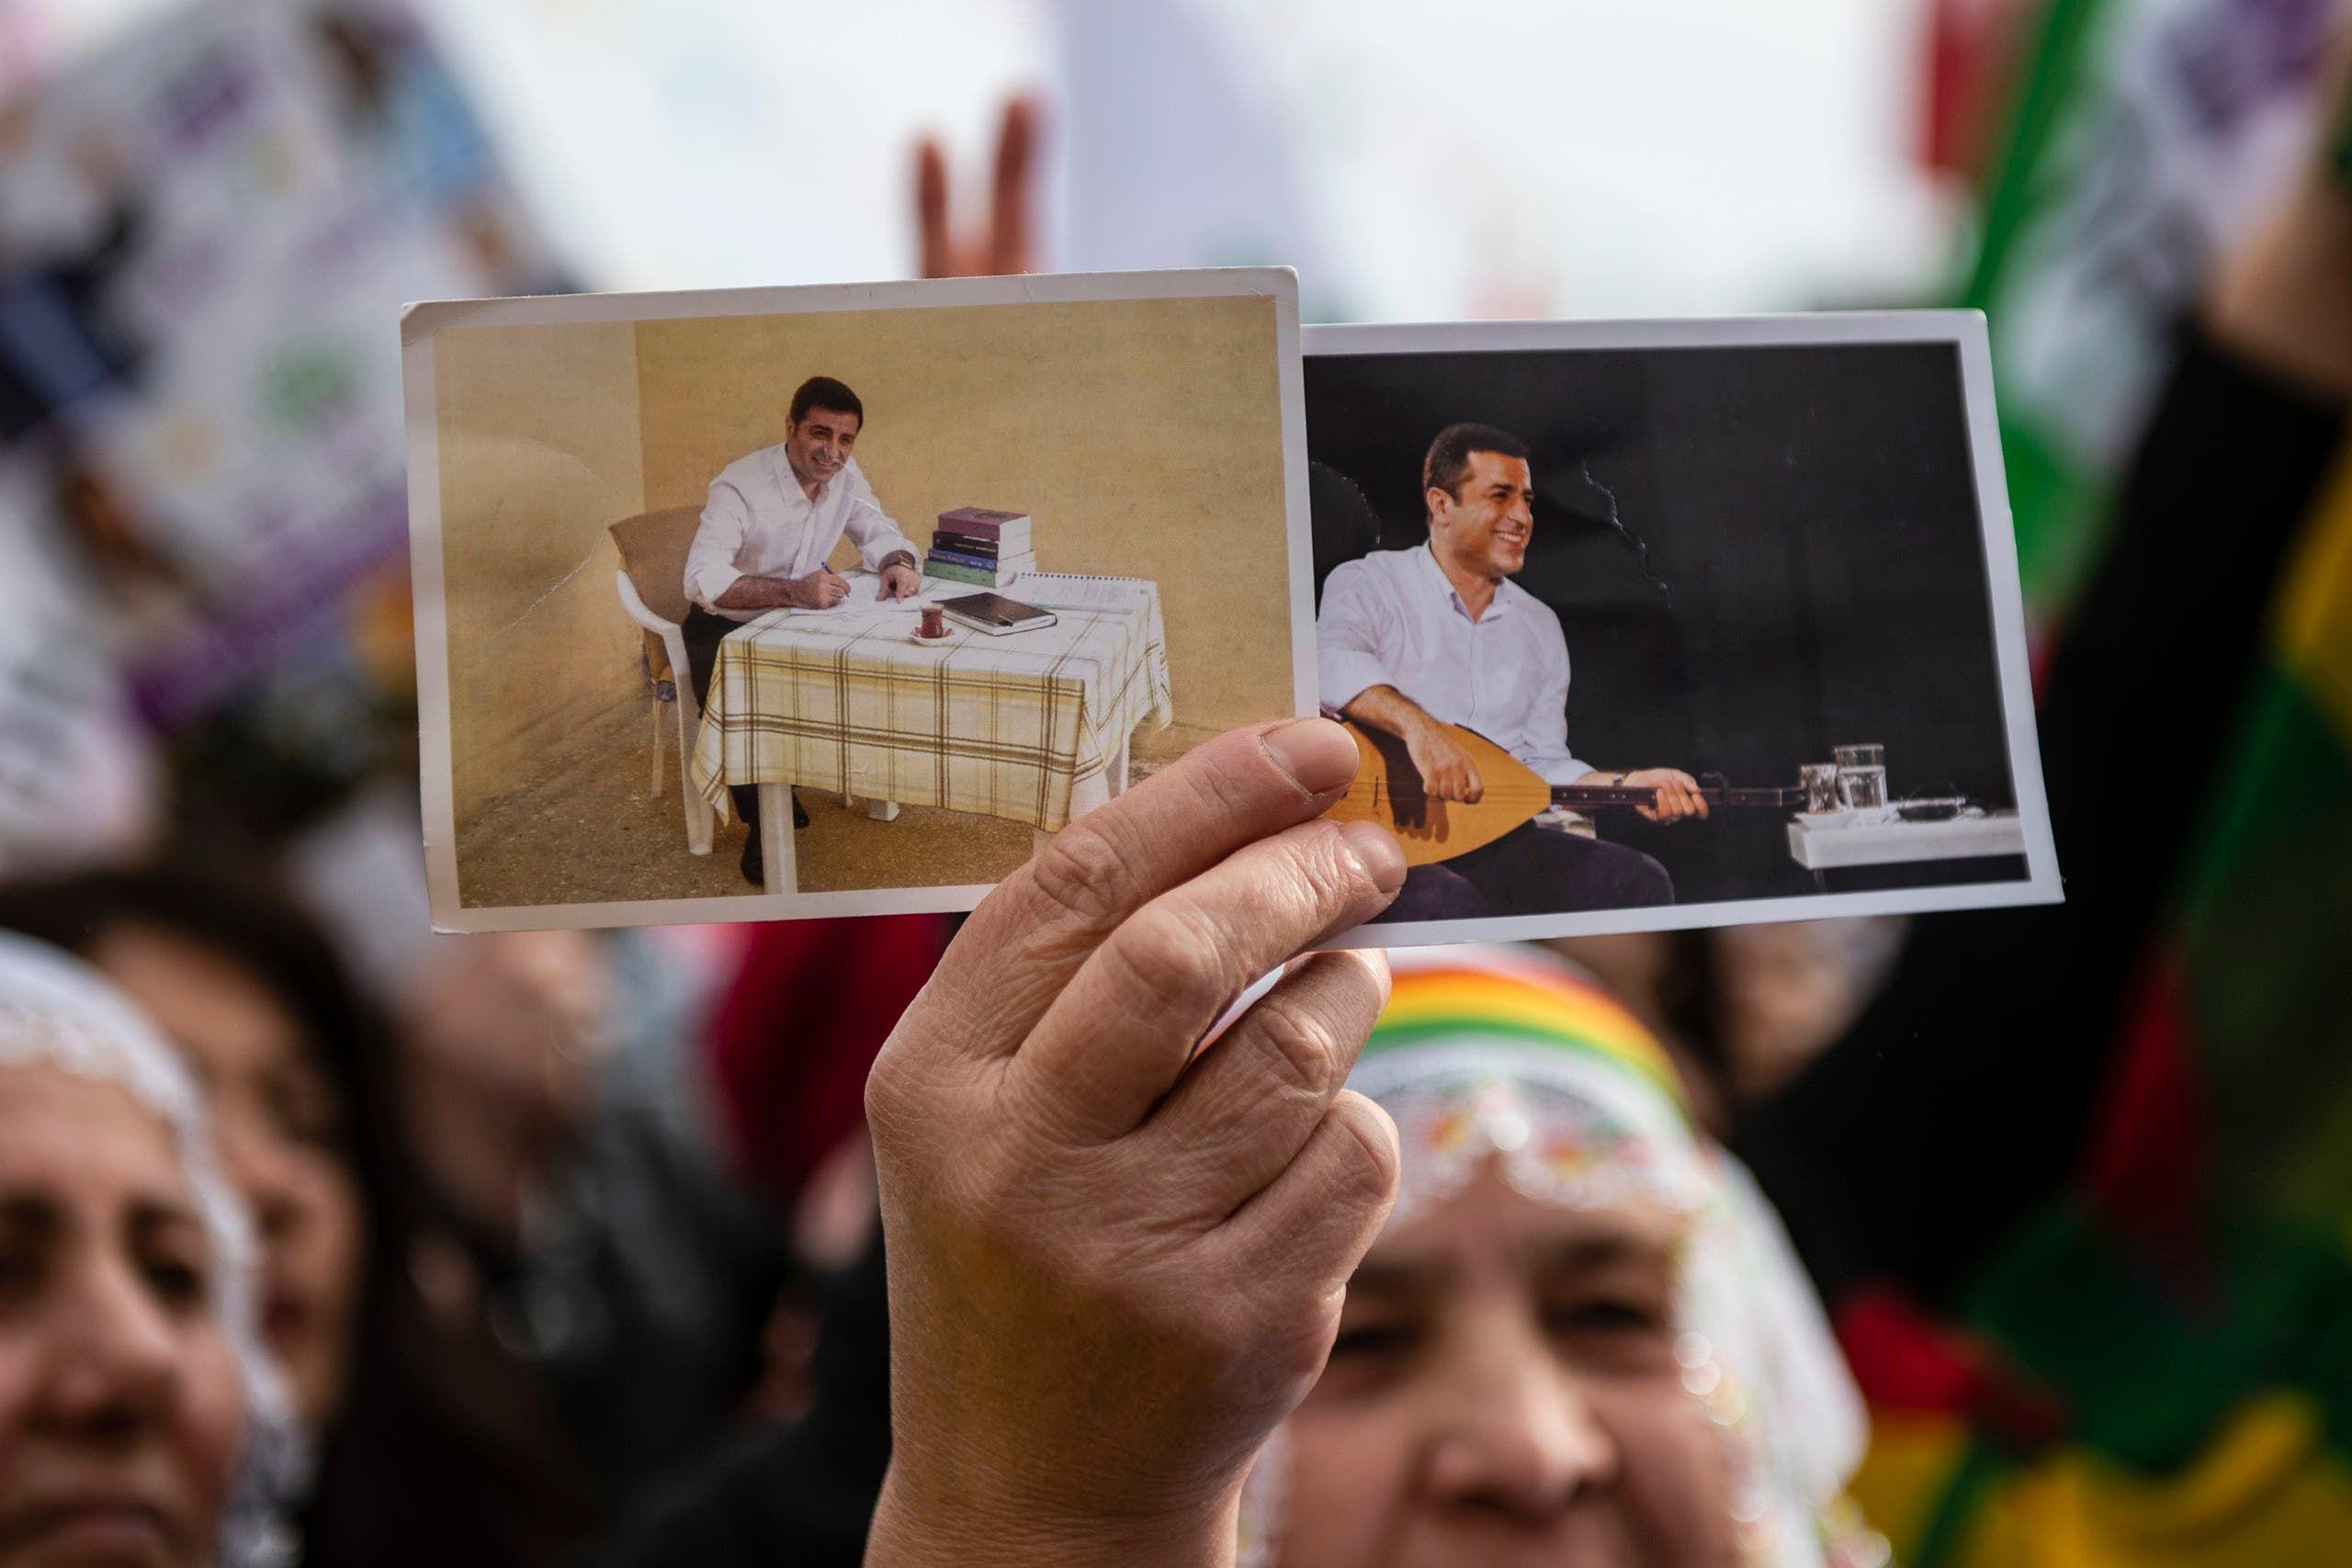 أحد مناصري حزب الشعوب الديمقراطي يحمل صورة دميرتاش أثناء حضوره تجمعاً لـ